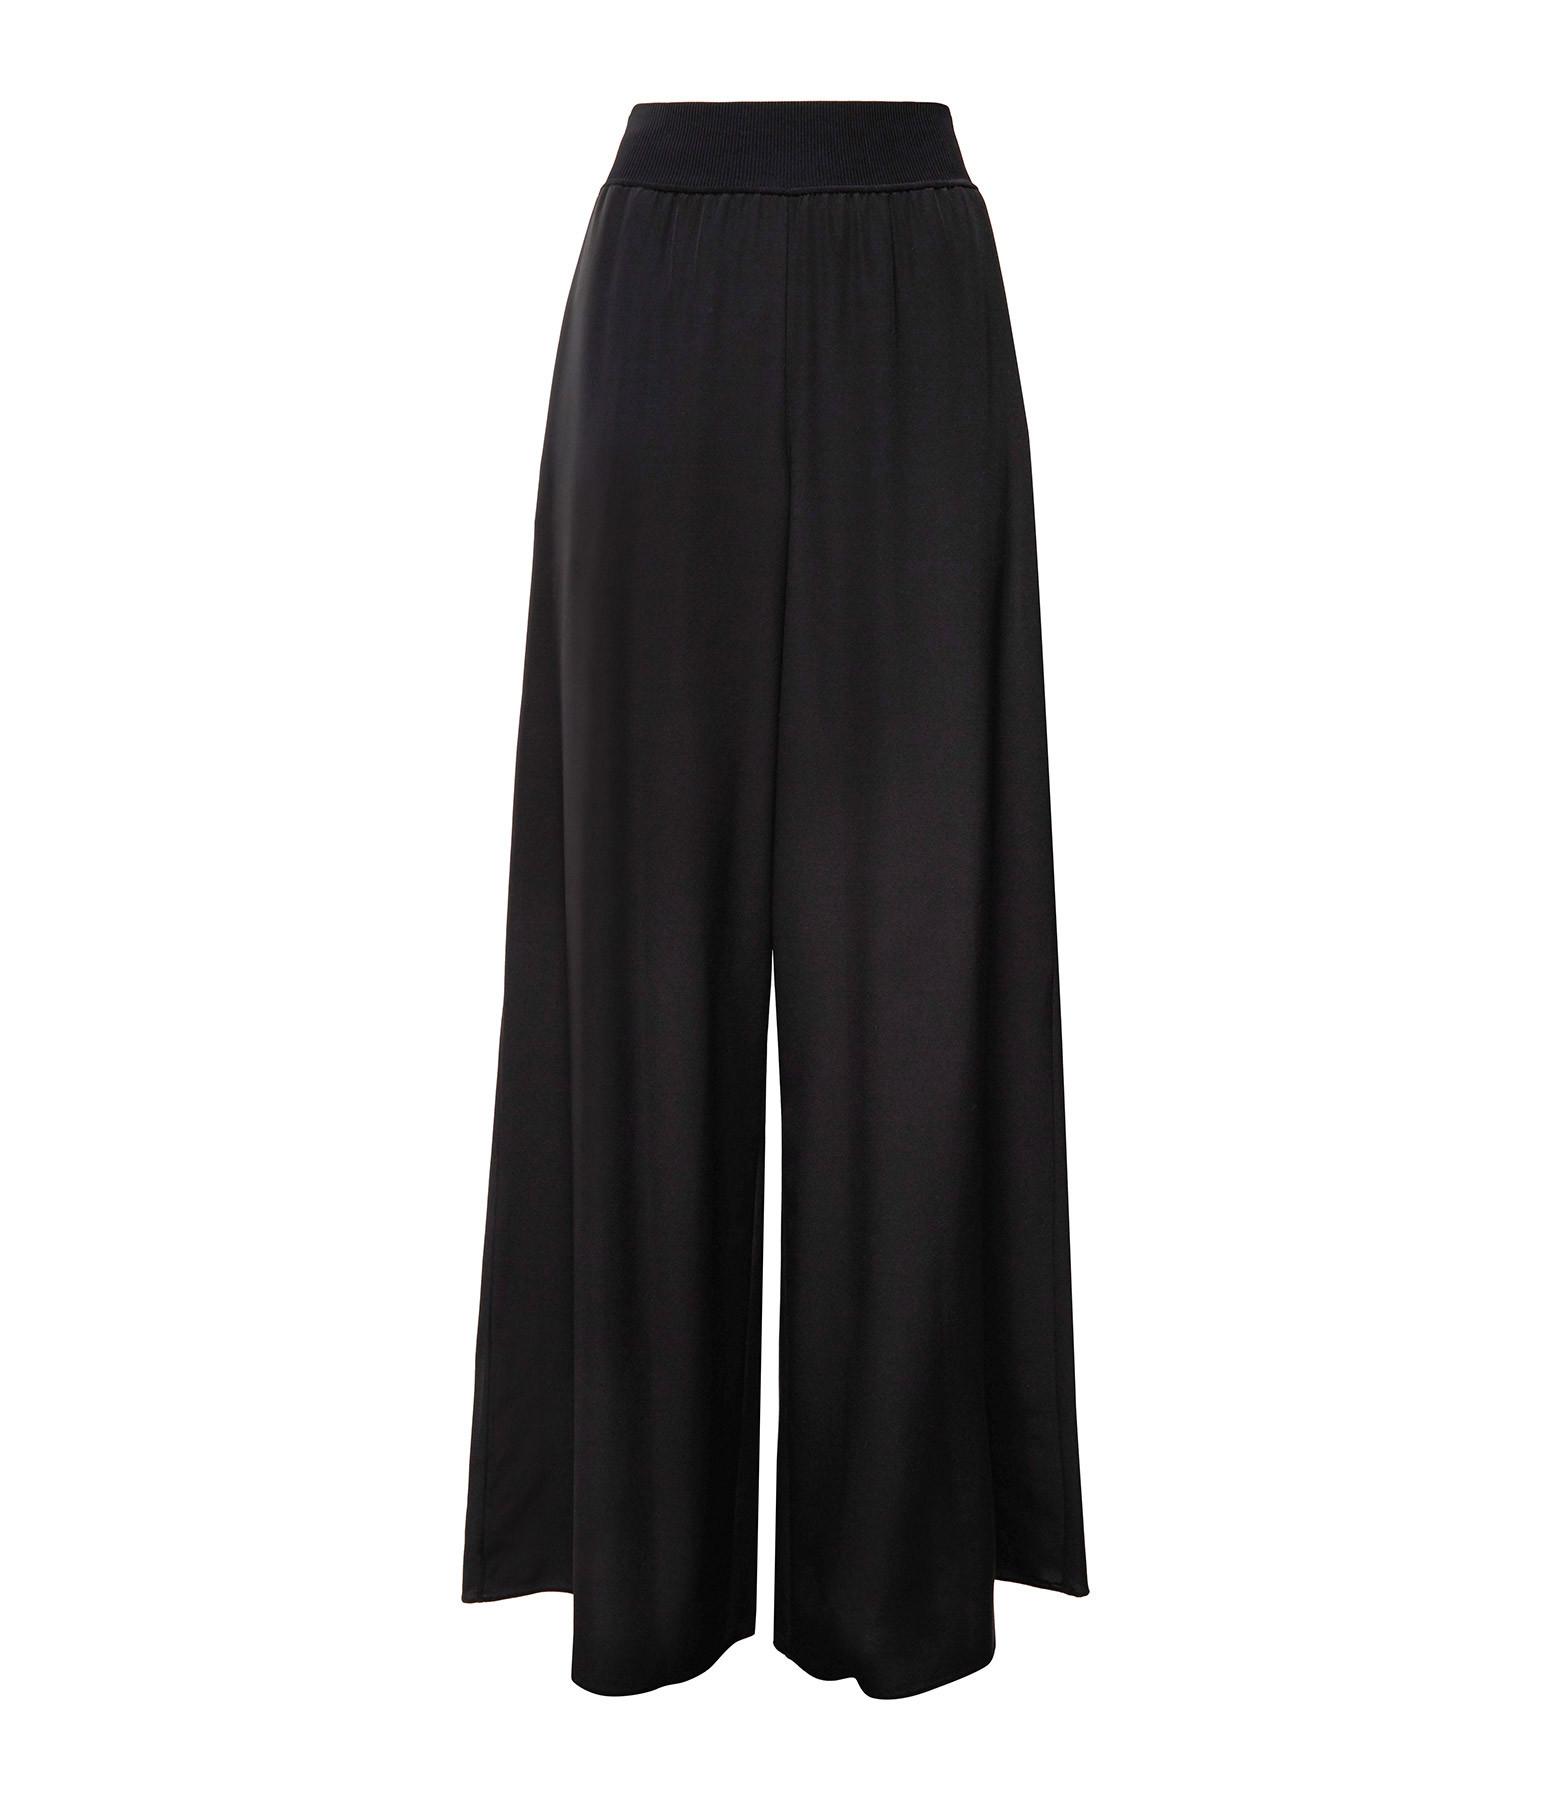 JOSEPH - Pantalon Huland Crêpe de Soie Noir